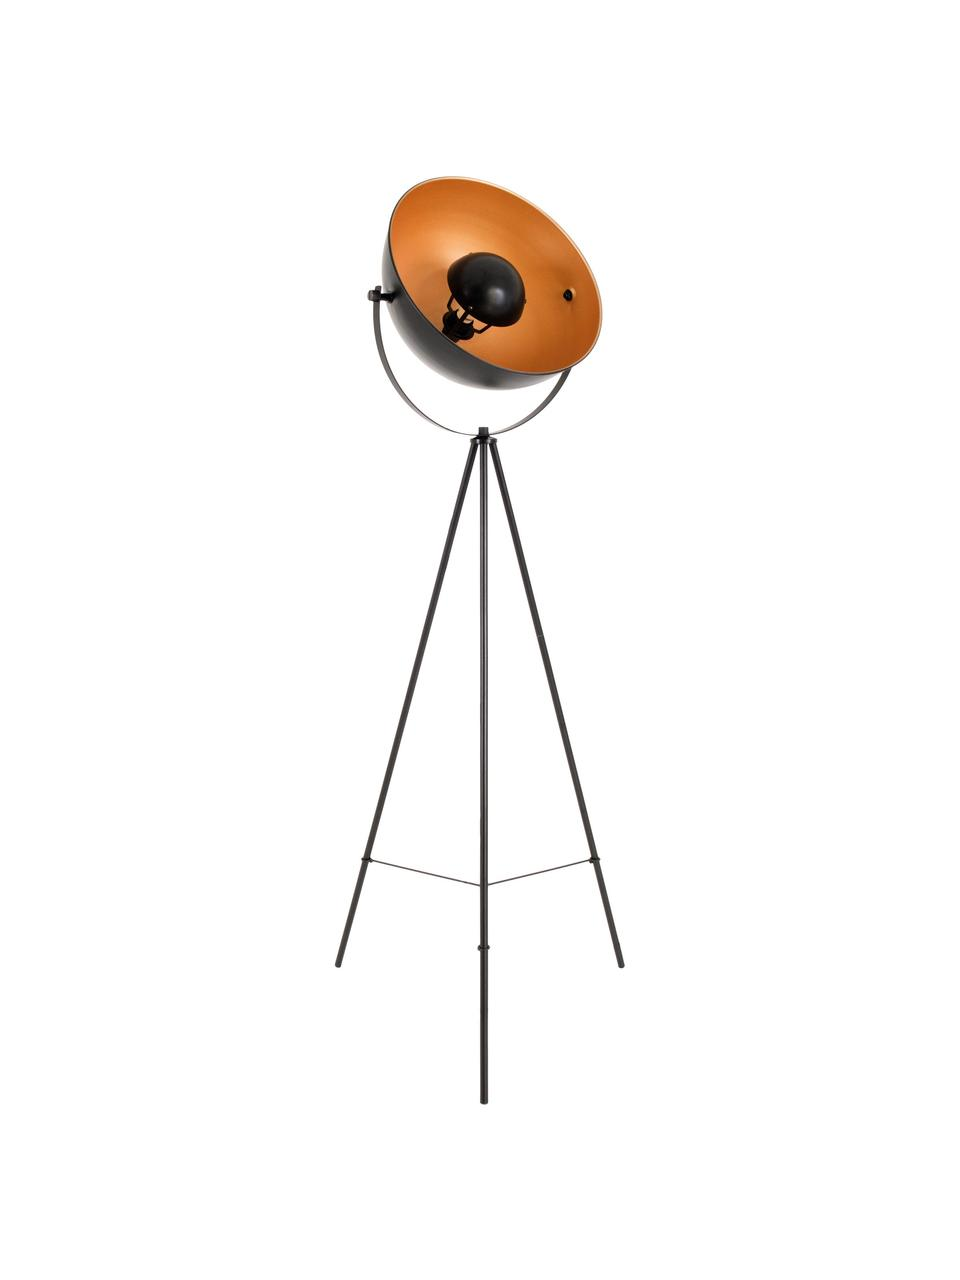 Tripod vloerlamp Bernice in goudkleur-zwart, Lampenkap: gecoat metaal, Lampvoet: gecoat metaal, Frame: zwart gelakt eikenhout. Voet: goudkleurig, 40 x 150 cm